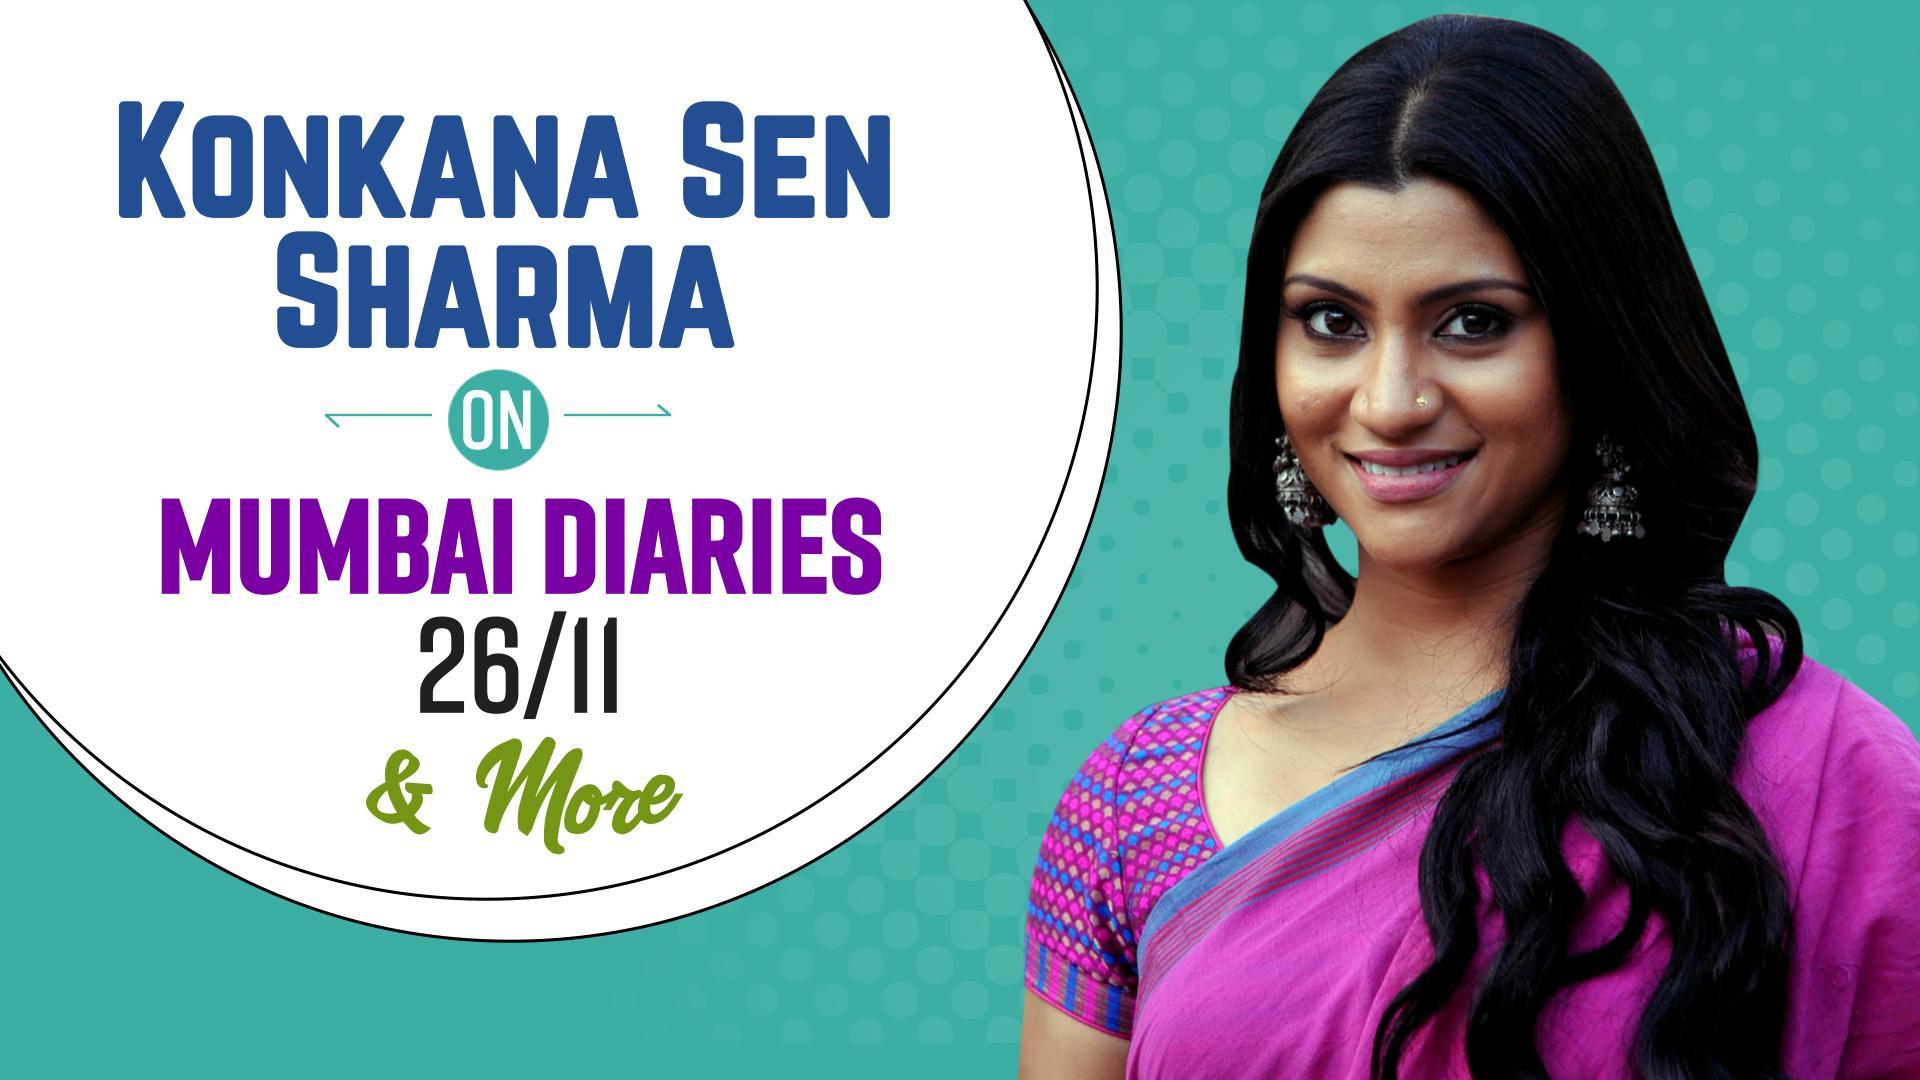 Exclusive Interview: कोंकणा सेन शर्मा की आने वालीं वेब सीरीज मुंबई डायरीज 26/11 है डॉक्टर्स को श्रद्धांजलि   Watch